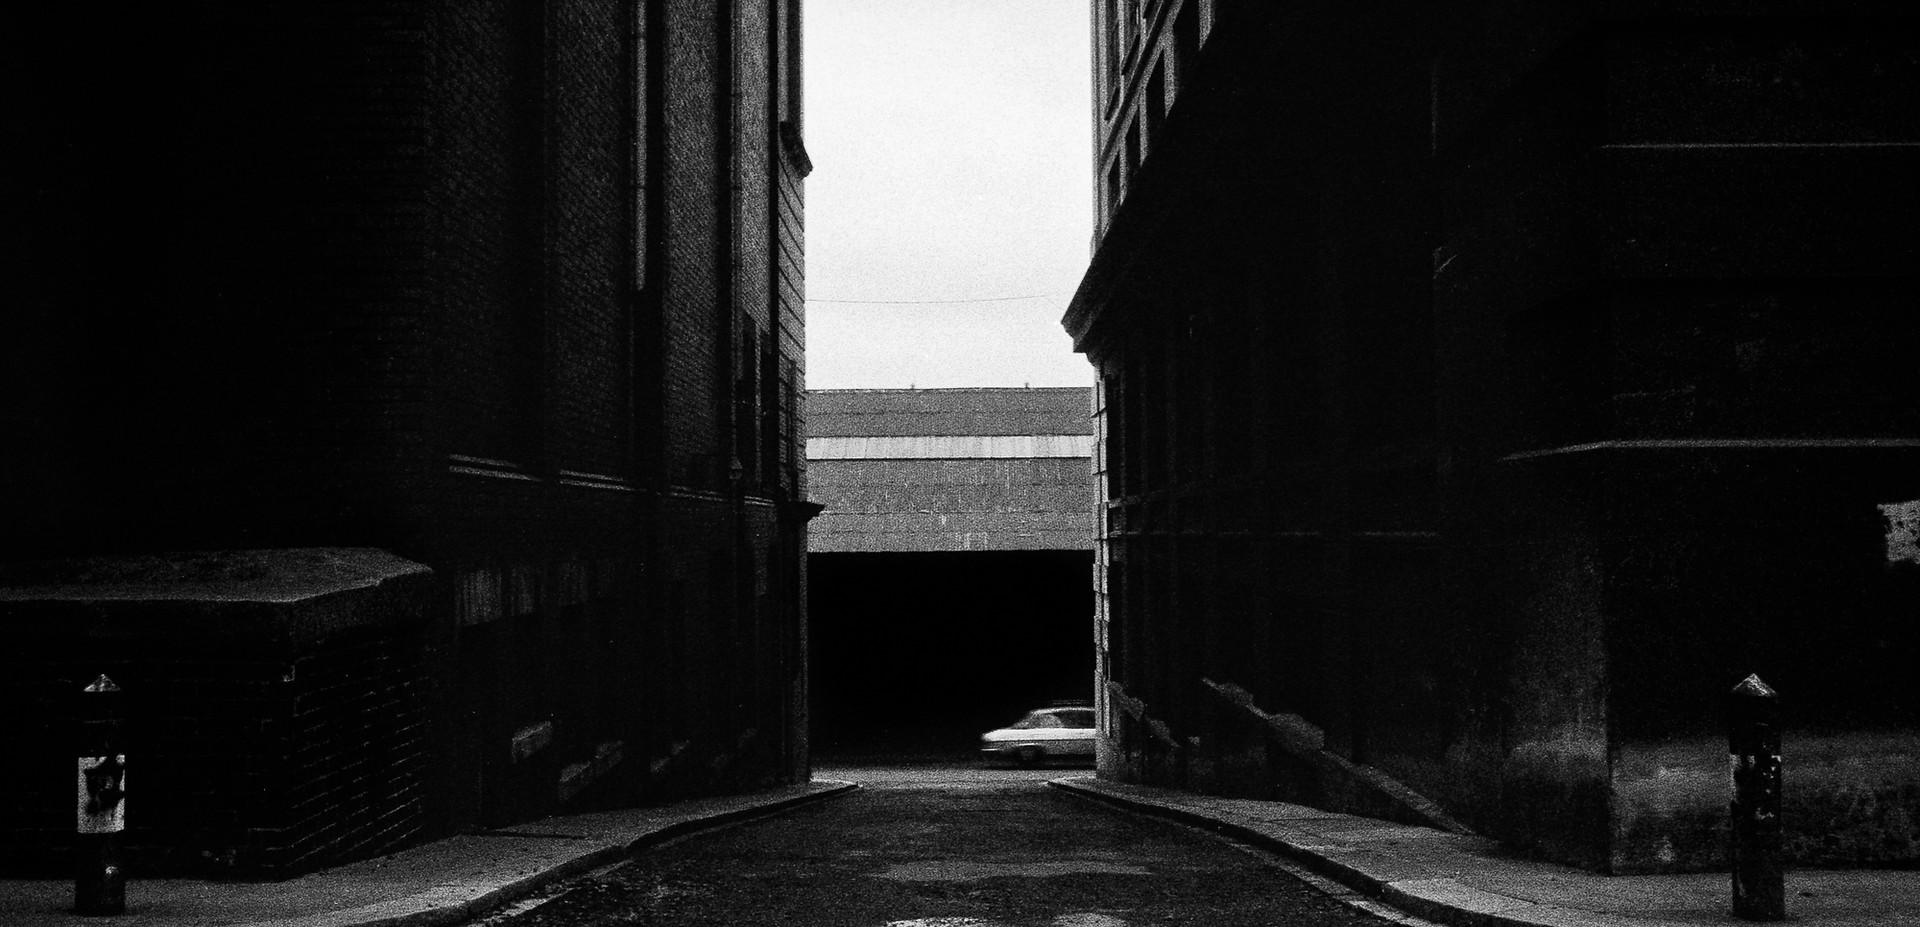 Newcastle-Upon-Tyne, England 1982